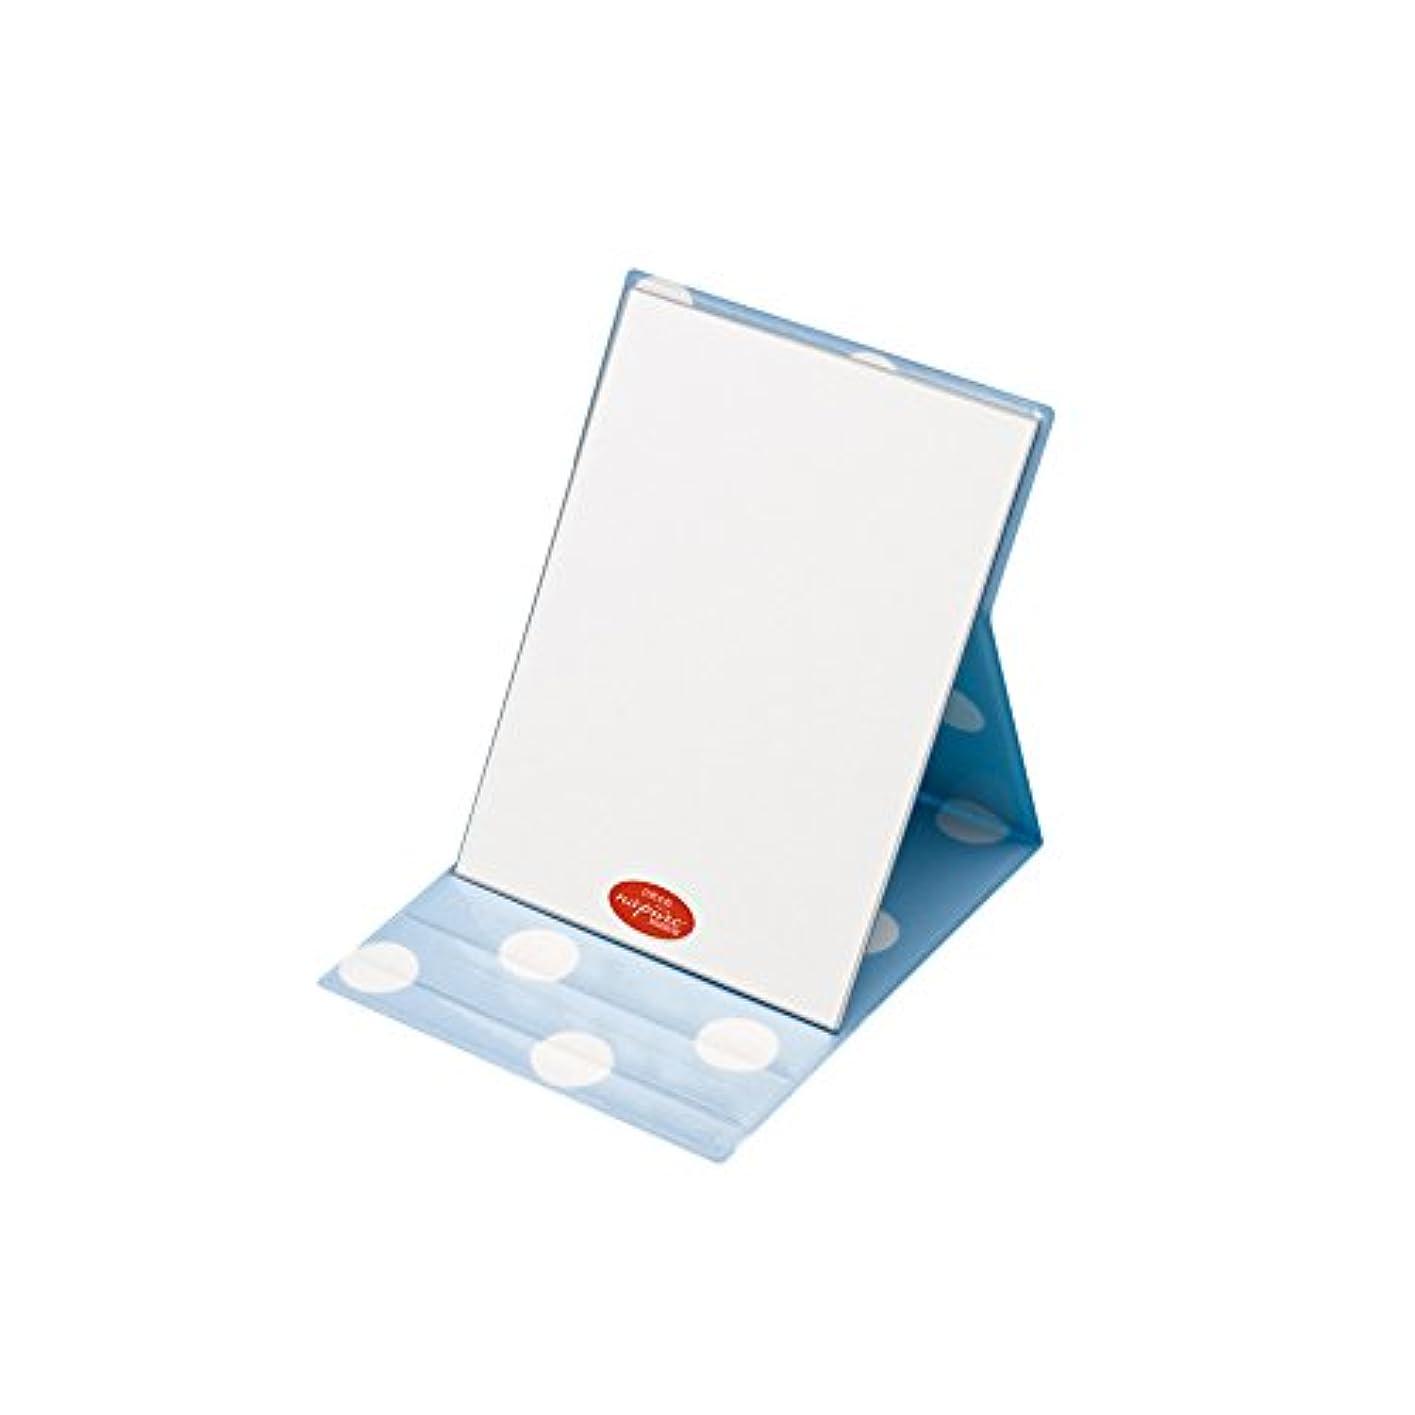 うめきリークシリンダープロモデル折立ナピュアミラー水玉